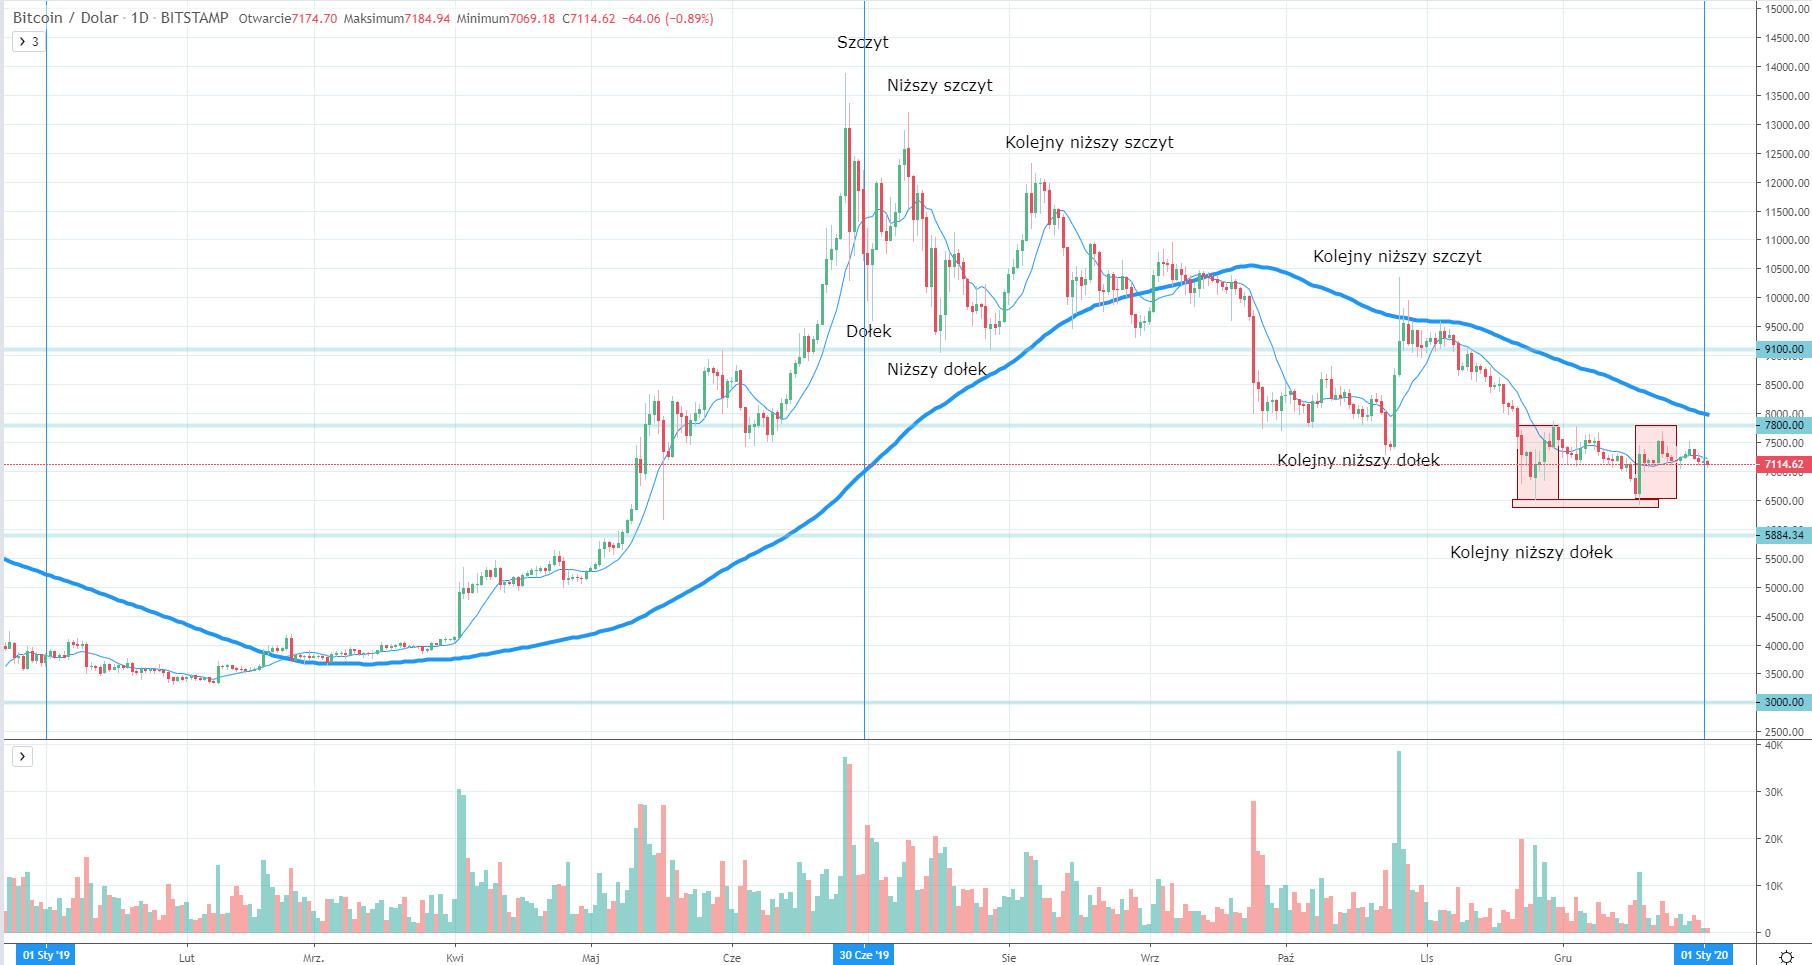 Cena Bitcoina w roku 2019